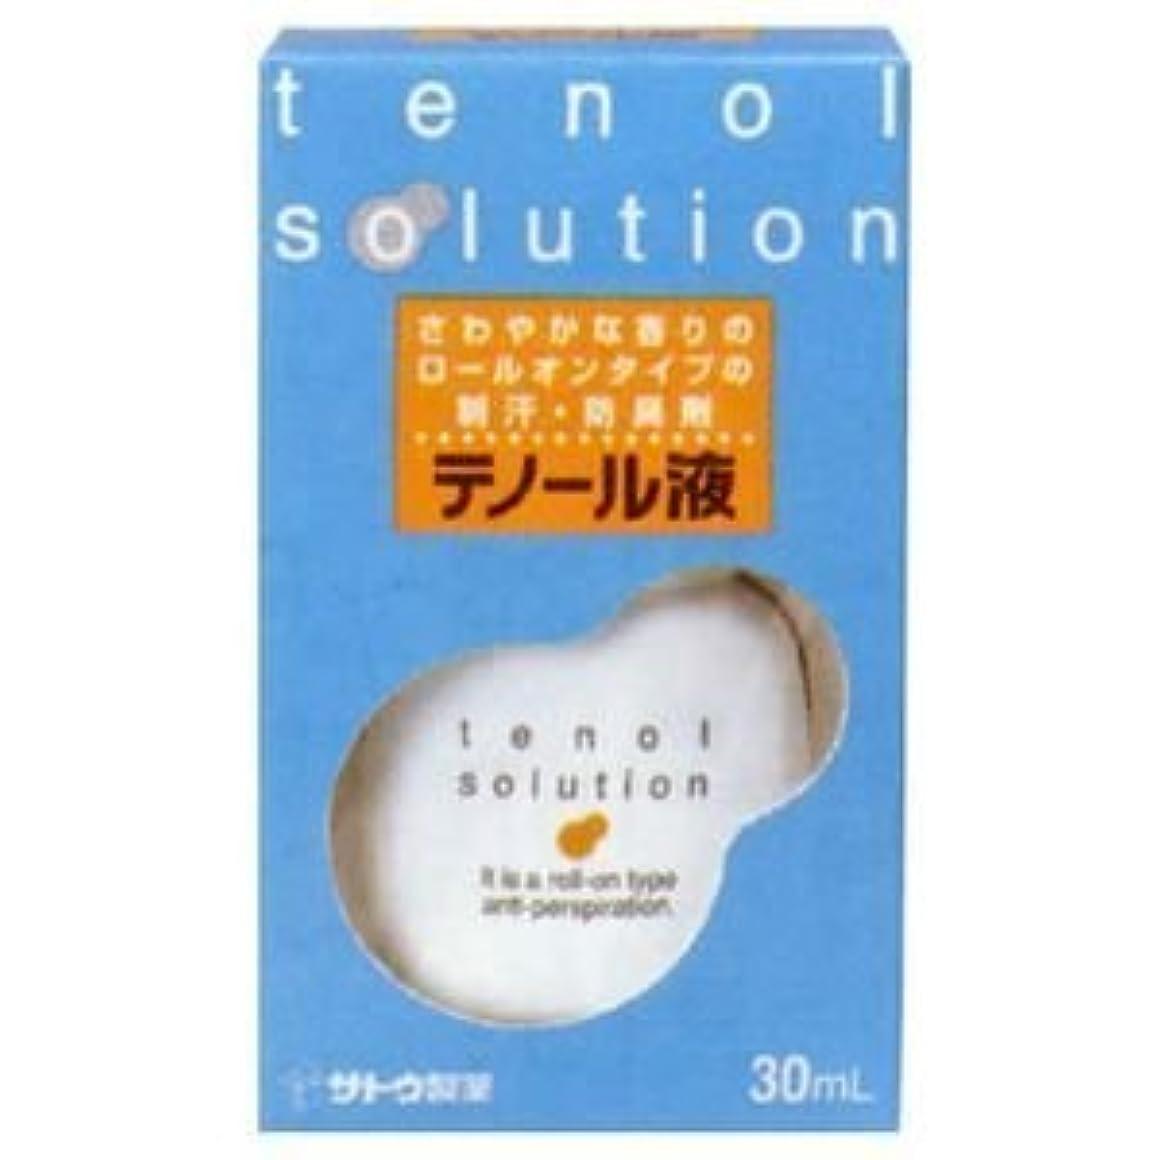 エンジン空いている効能ある佐藤製薬 テノール液(30ml)×2